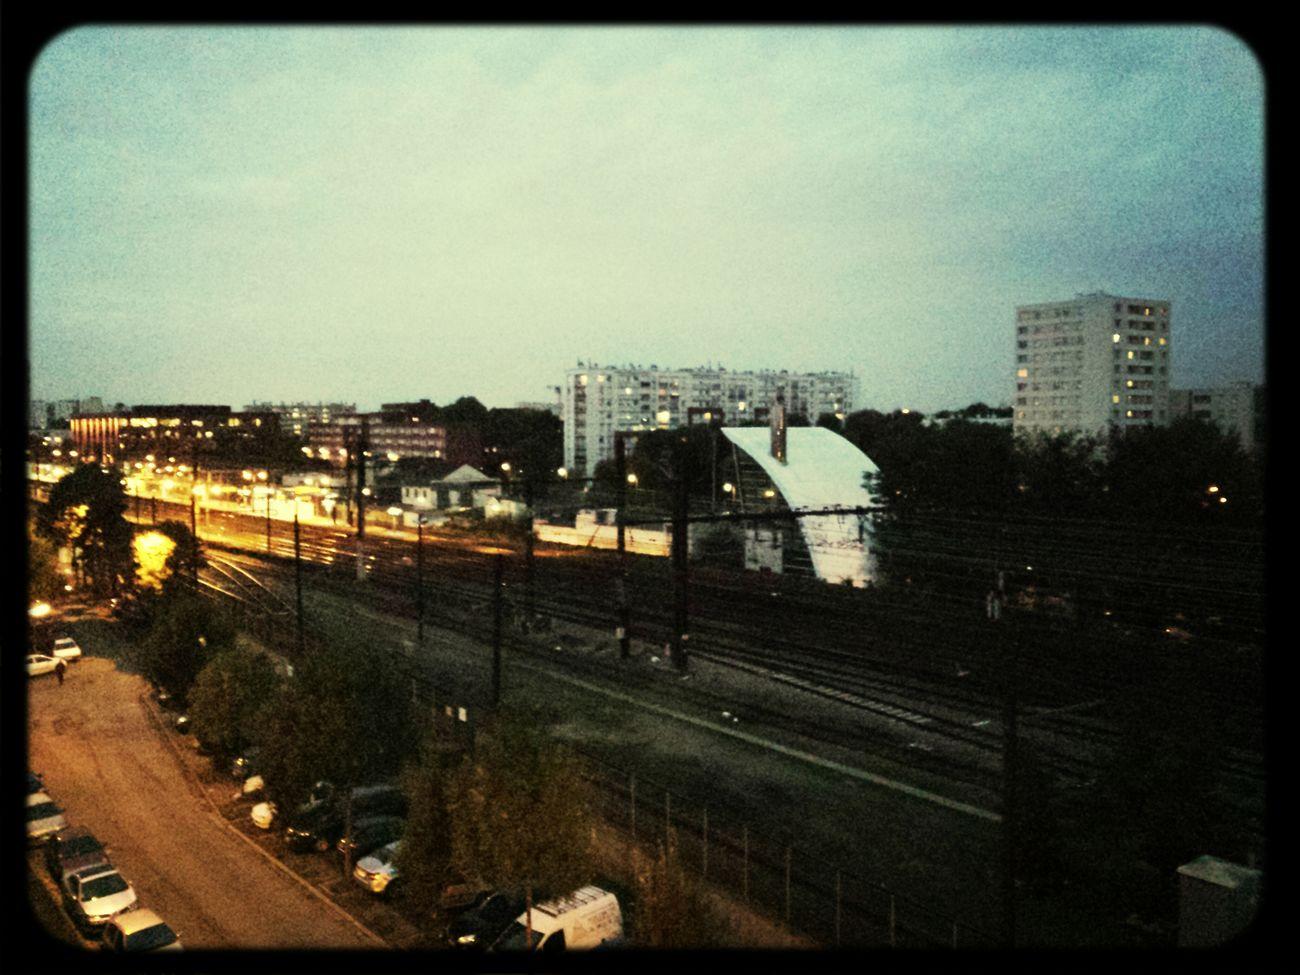 RER D Railwaystation Train Paris